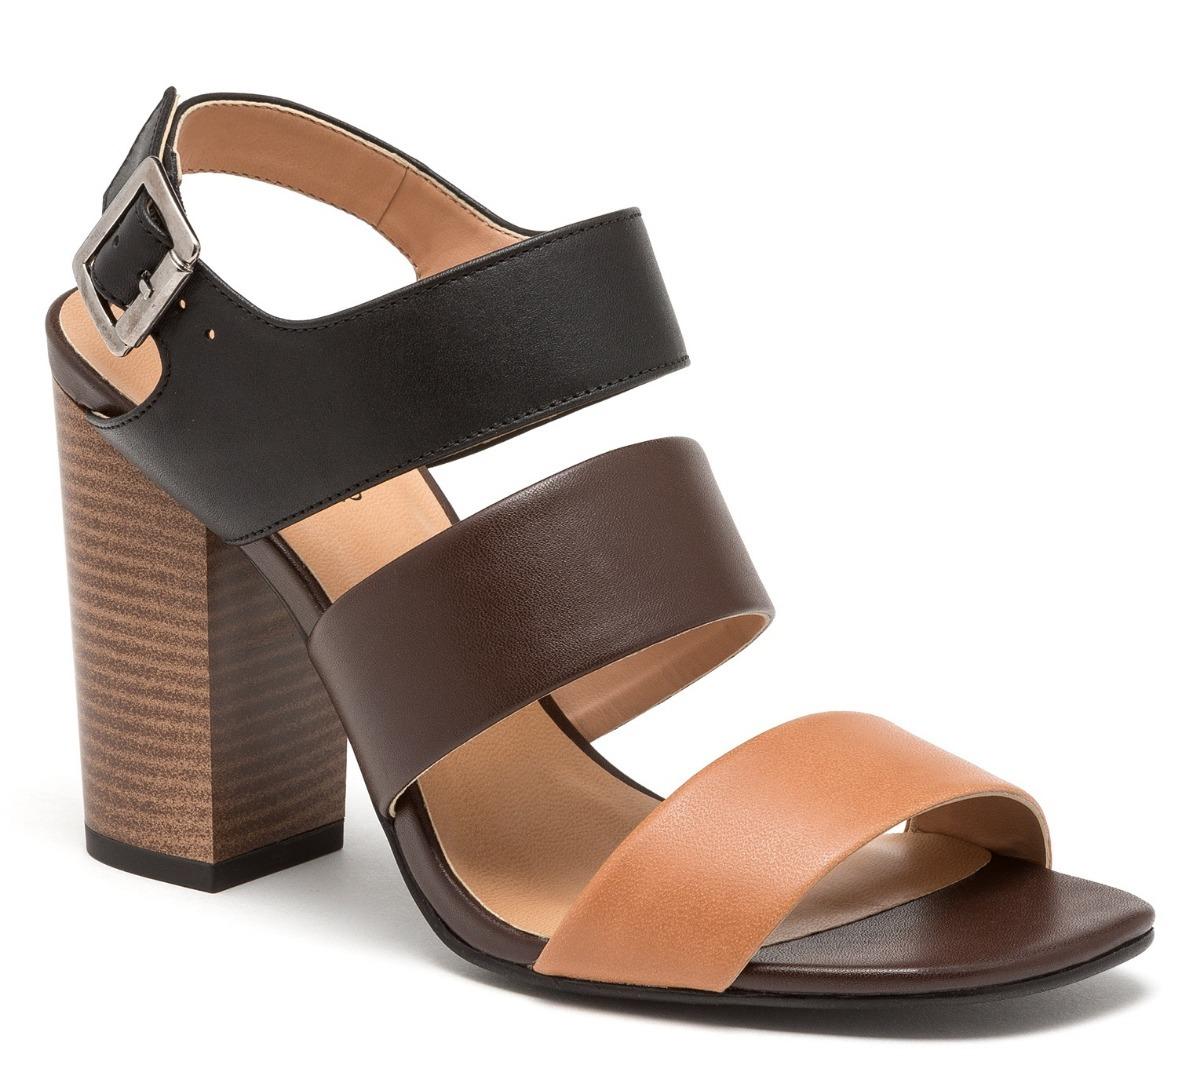 020b2b50fe4 sandalias zapatillas andrea de piel negras cafés tacón ancho. Cargando zoom.